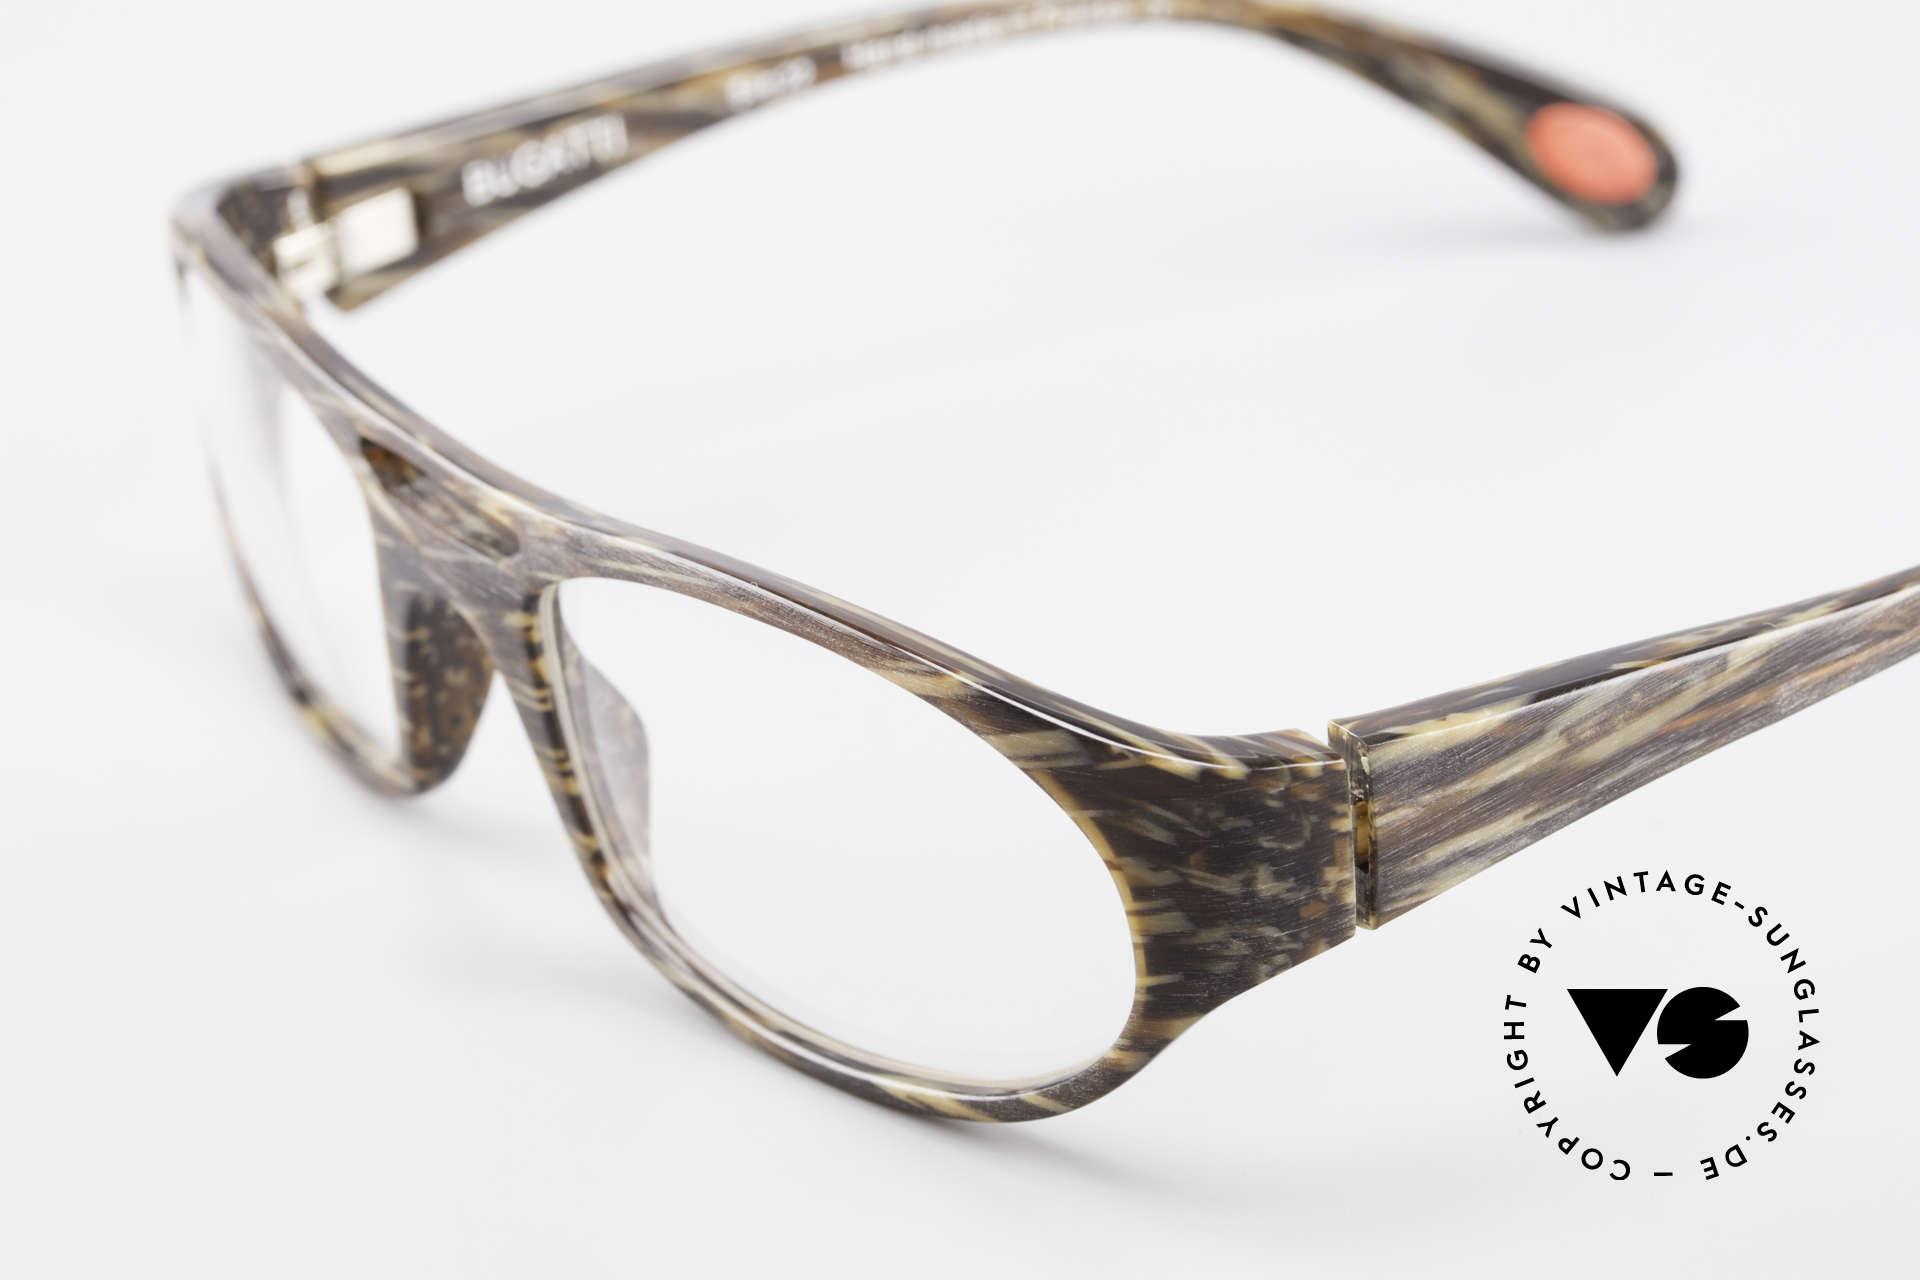 Bugatti 220 Herren Designer Luxusbrille, ungetragenes Exemplar inkl. original Verpackung, Passend für Herren